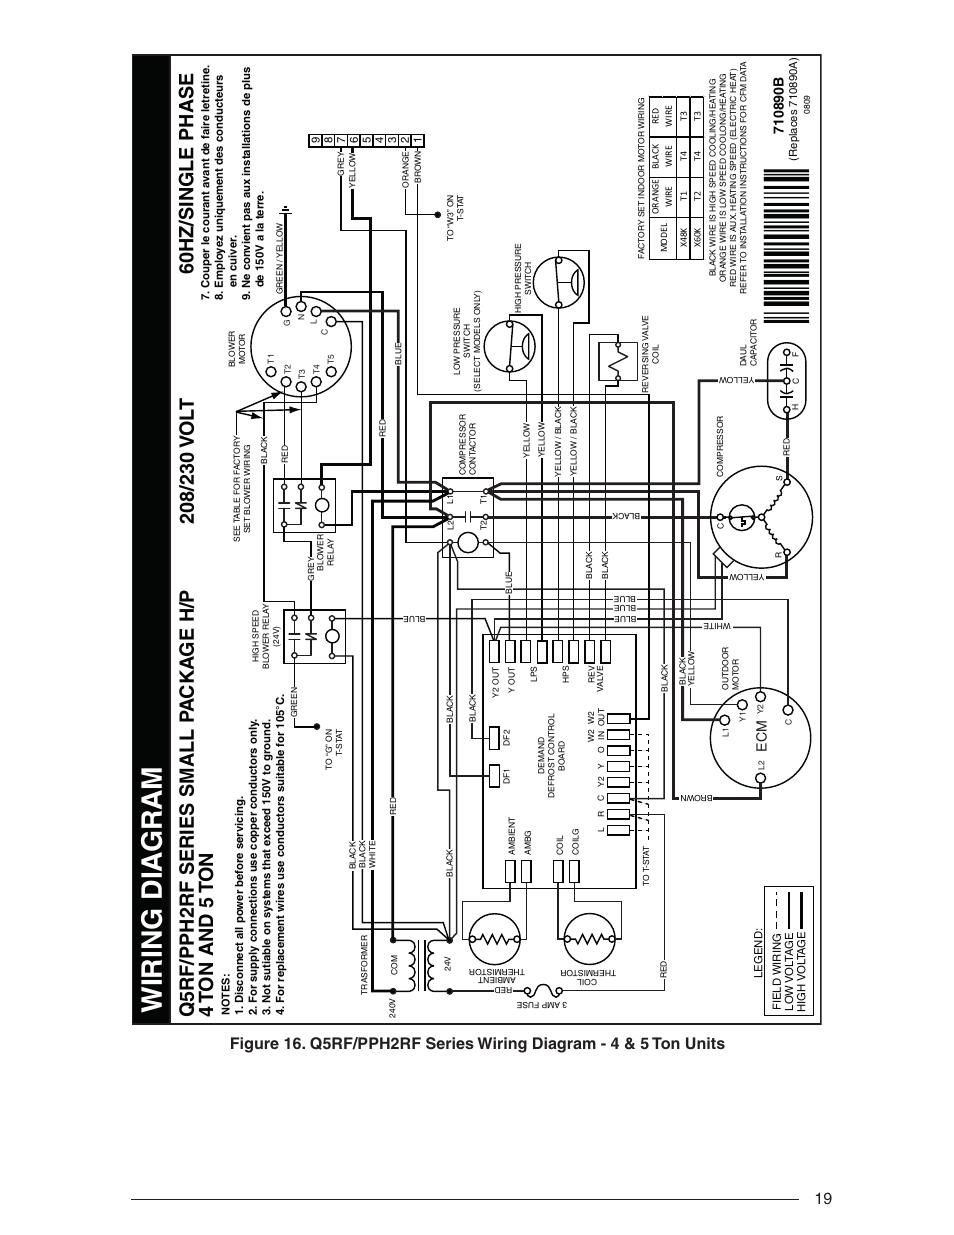 Nordyne Package Heat Pump Wiring Schematics Diagram Singer Heat